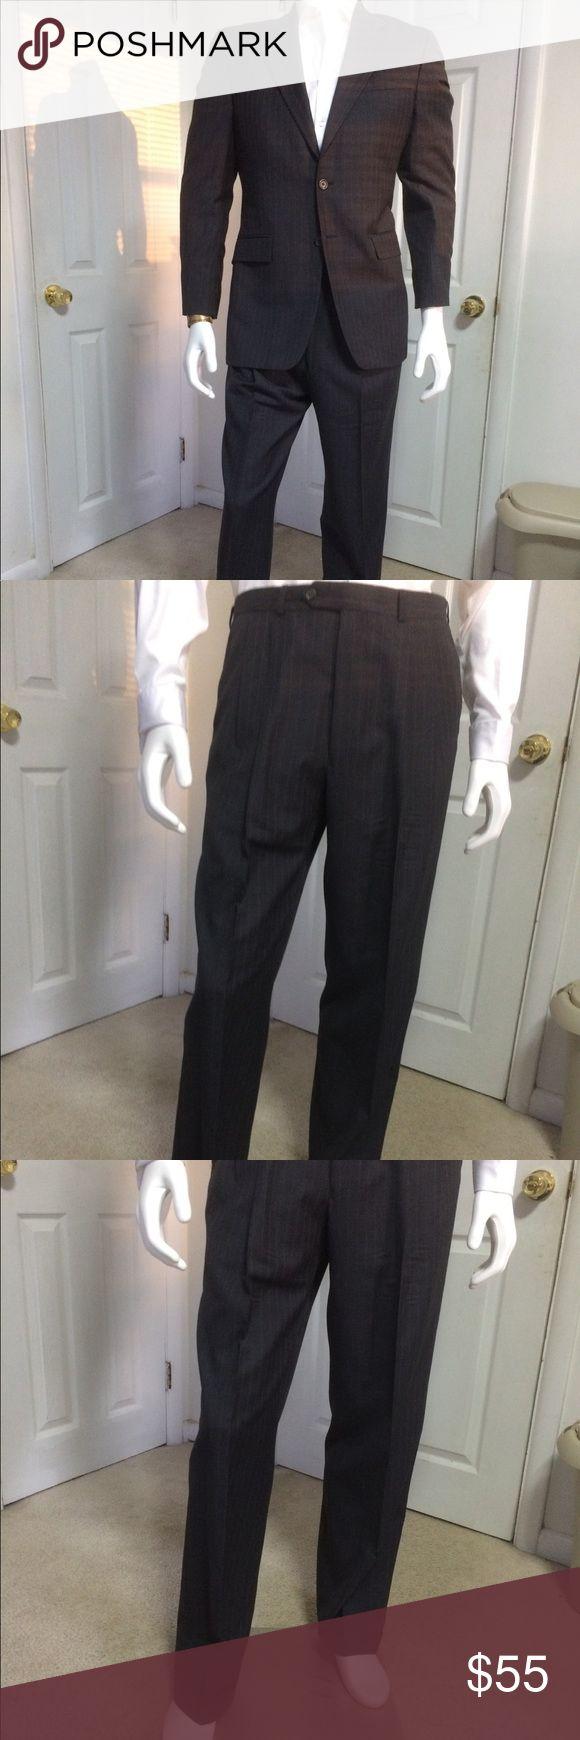 Ralph Lauren grey pinstripe suit size 38L 36/32 Ralph Lauren grey pinstripe suit size 38L 36/32 Lauren Ralph Lauren Suits & Blazers Suits